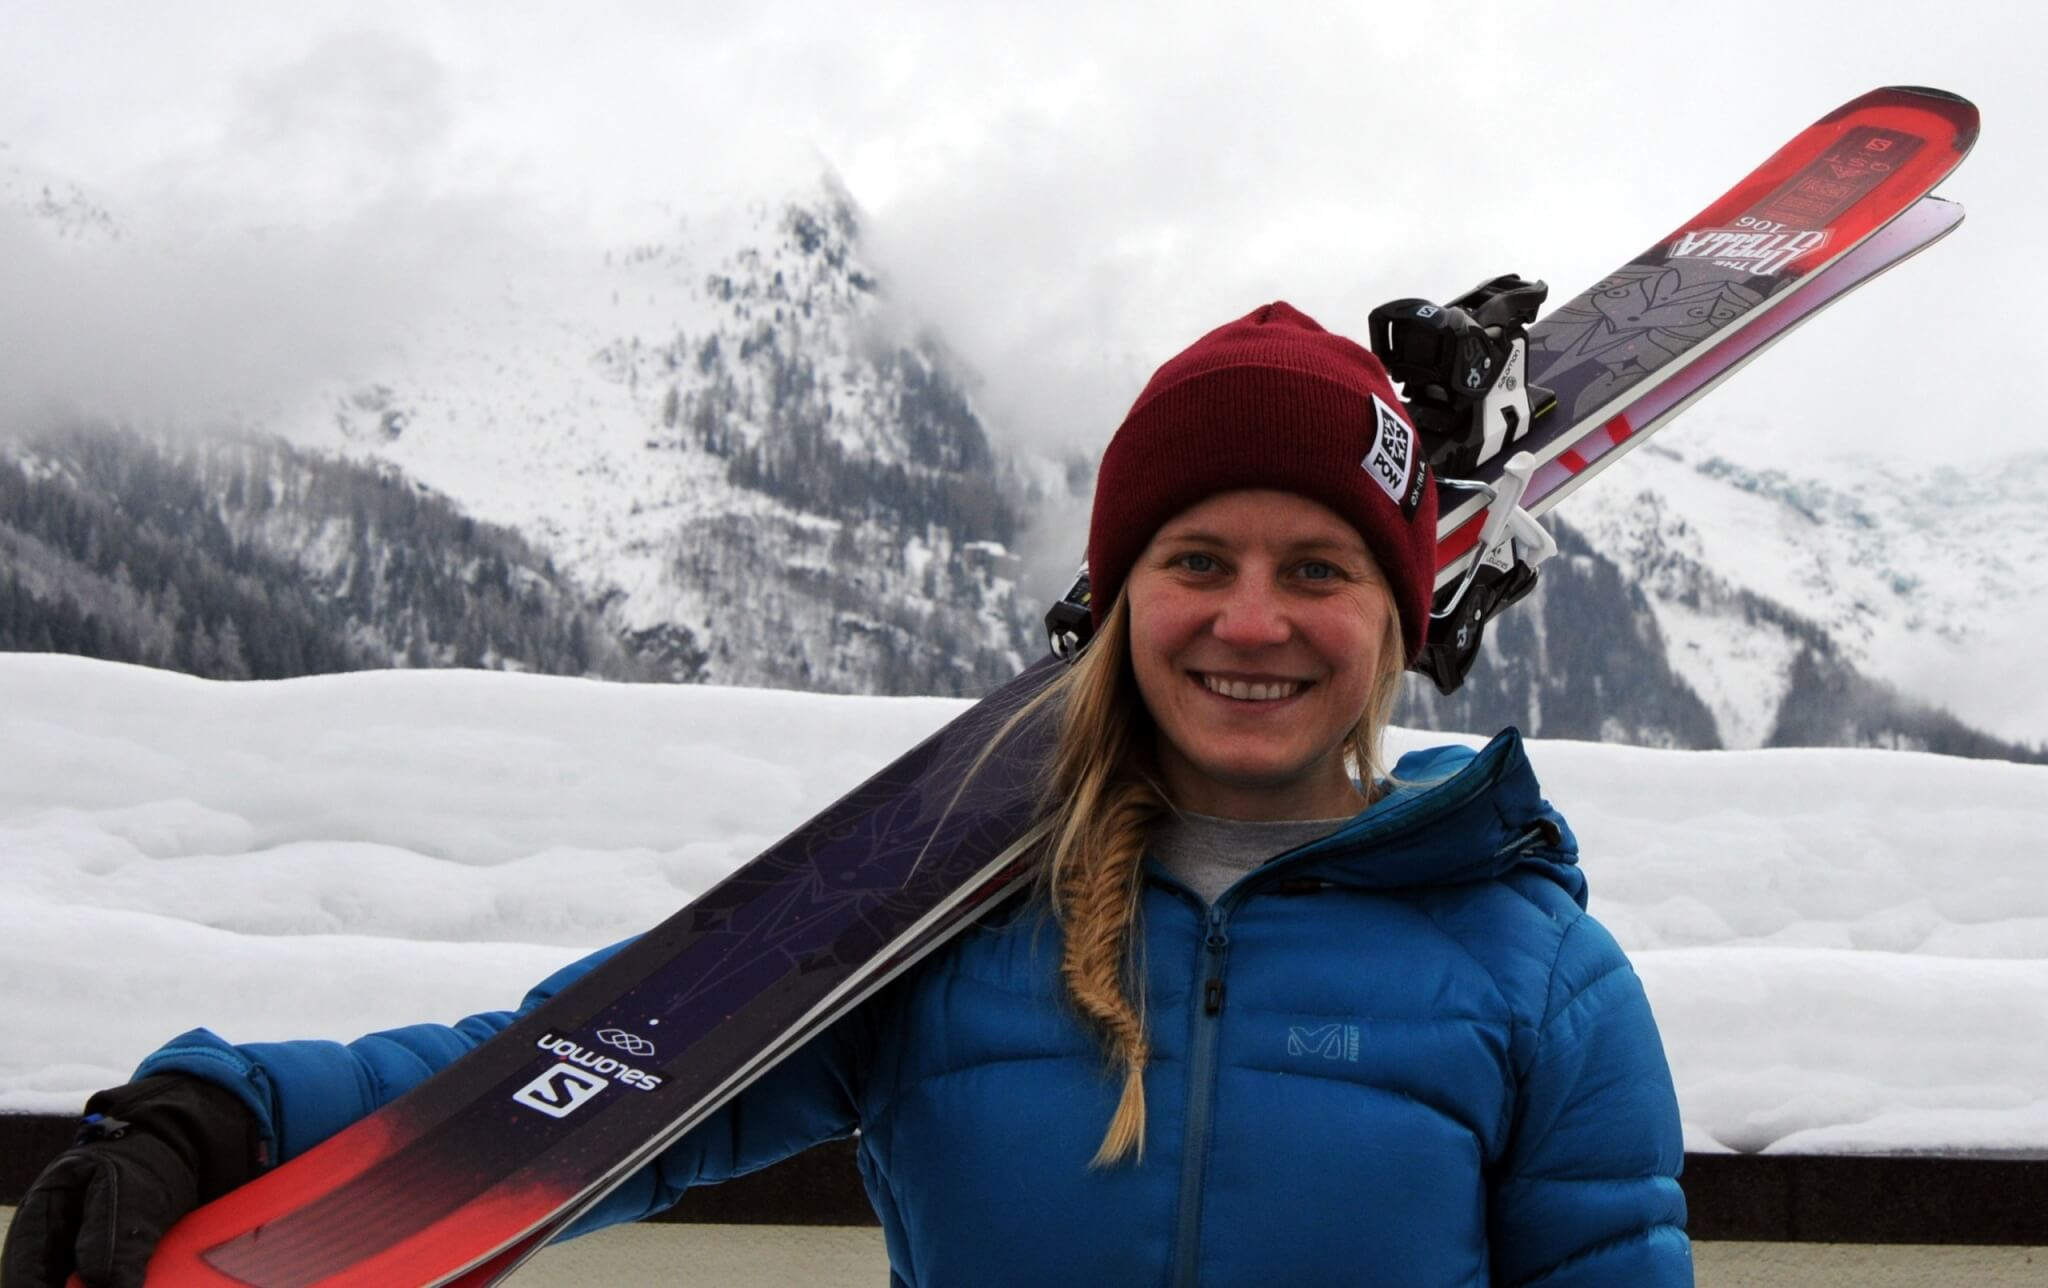 Maja Tössberga